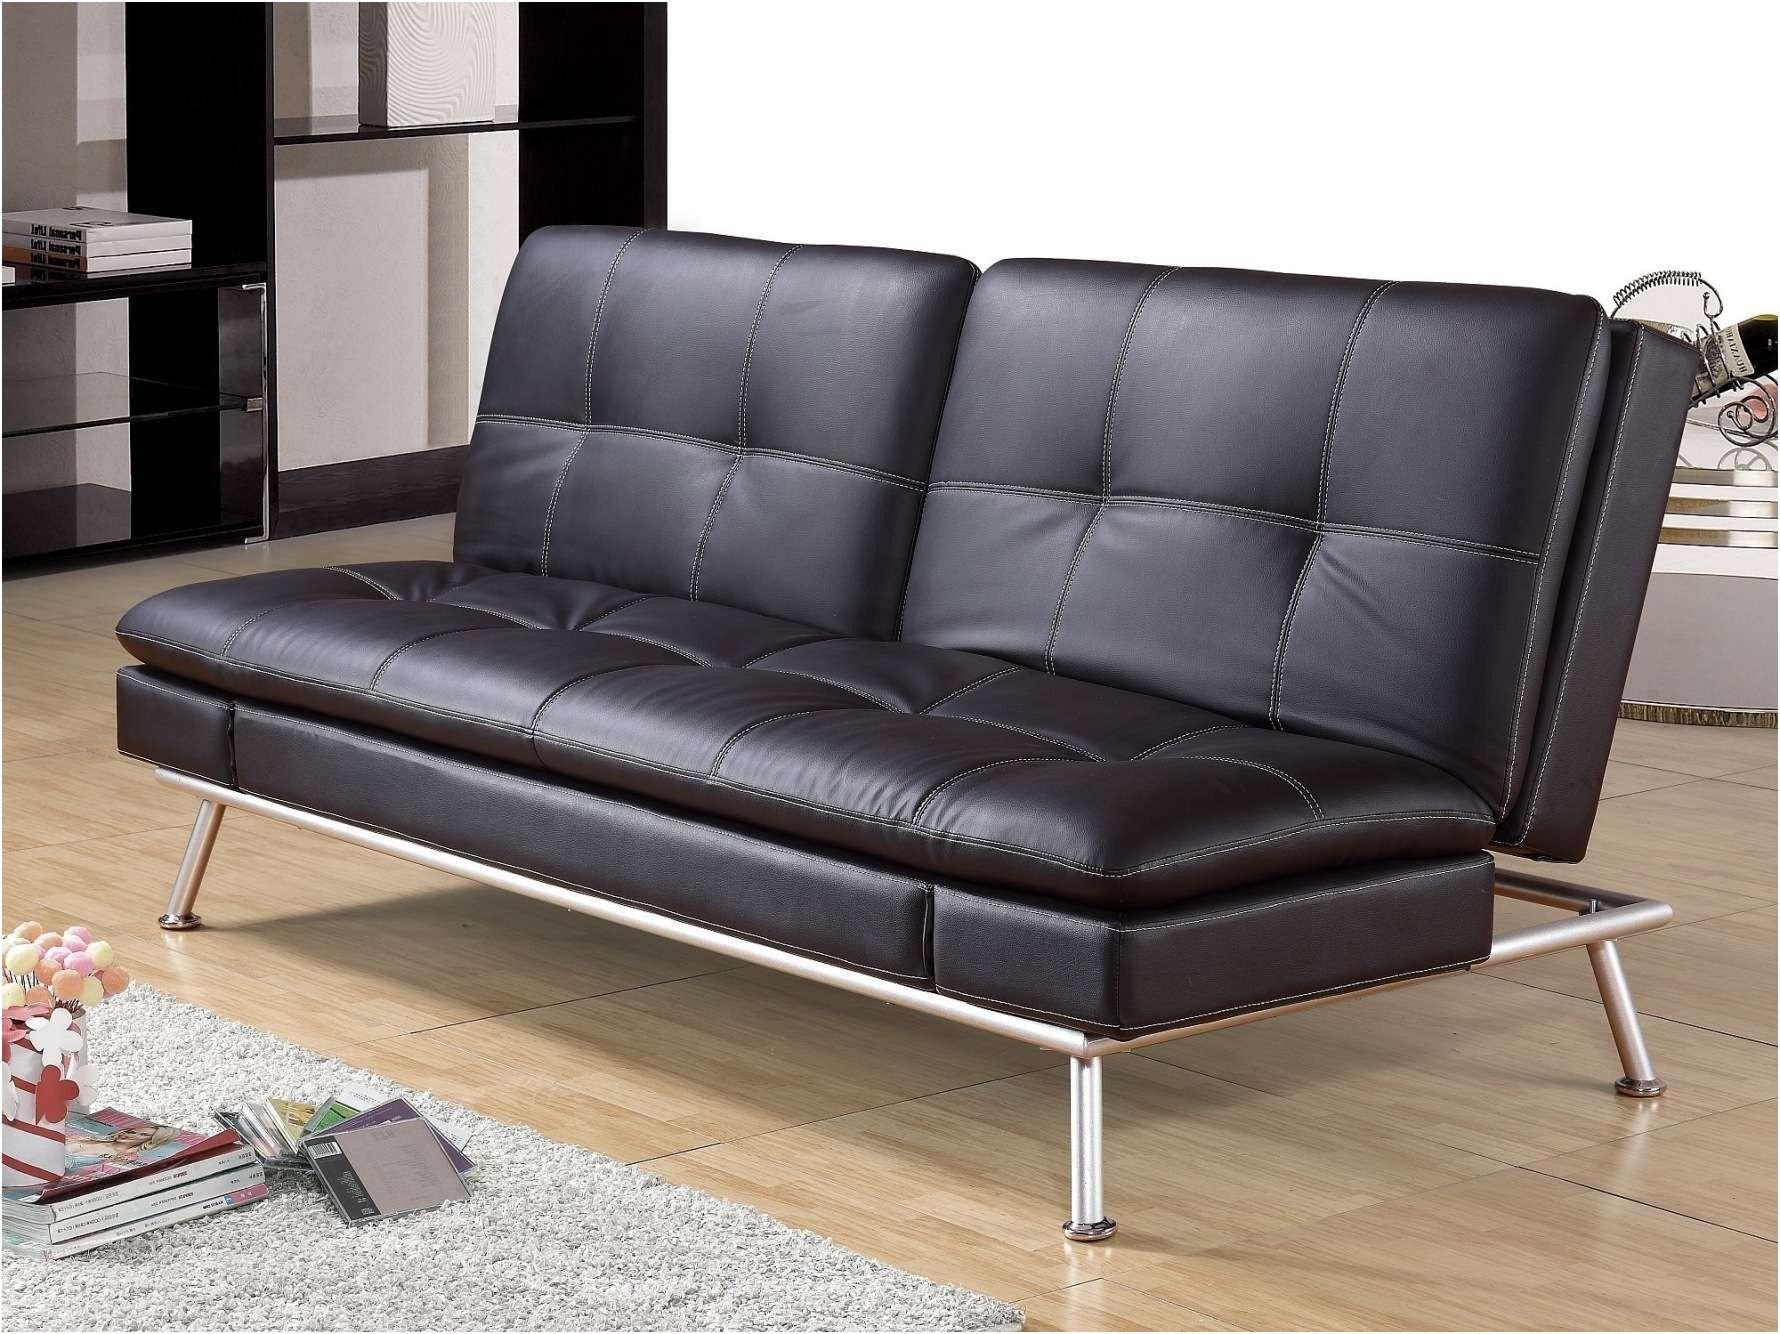 Erstaunlich 3 Sitzer Sofa Mit Schlaffunktion Modern Couch Sofa Design Couch